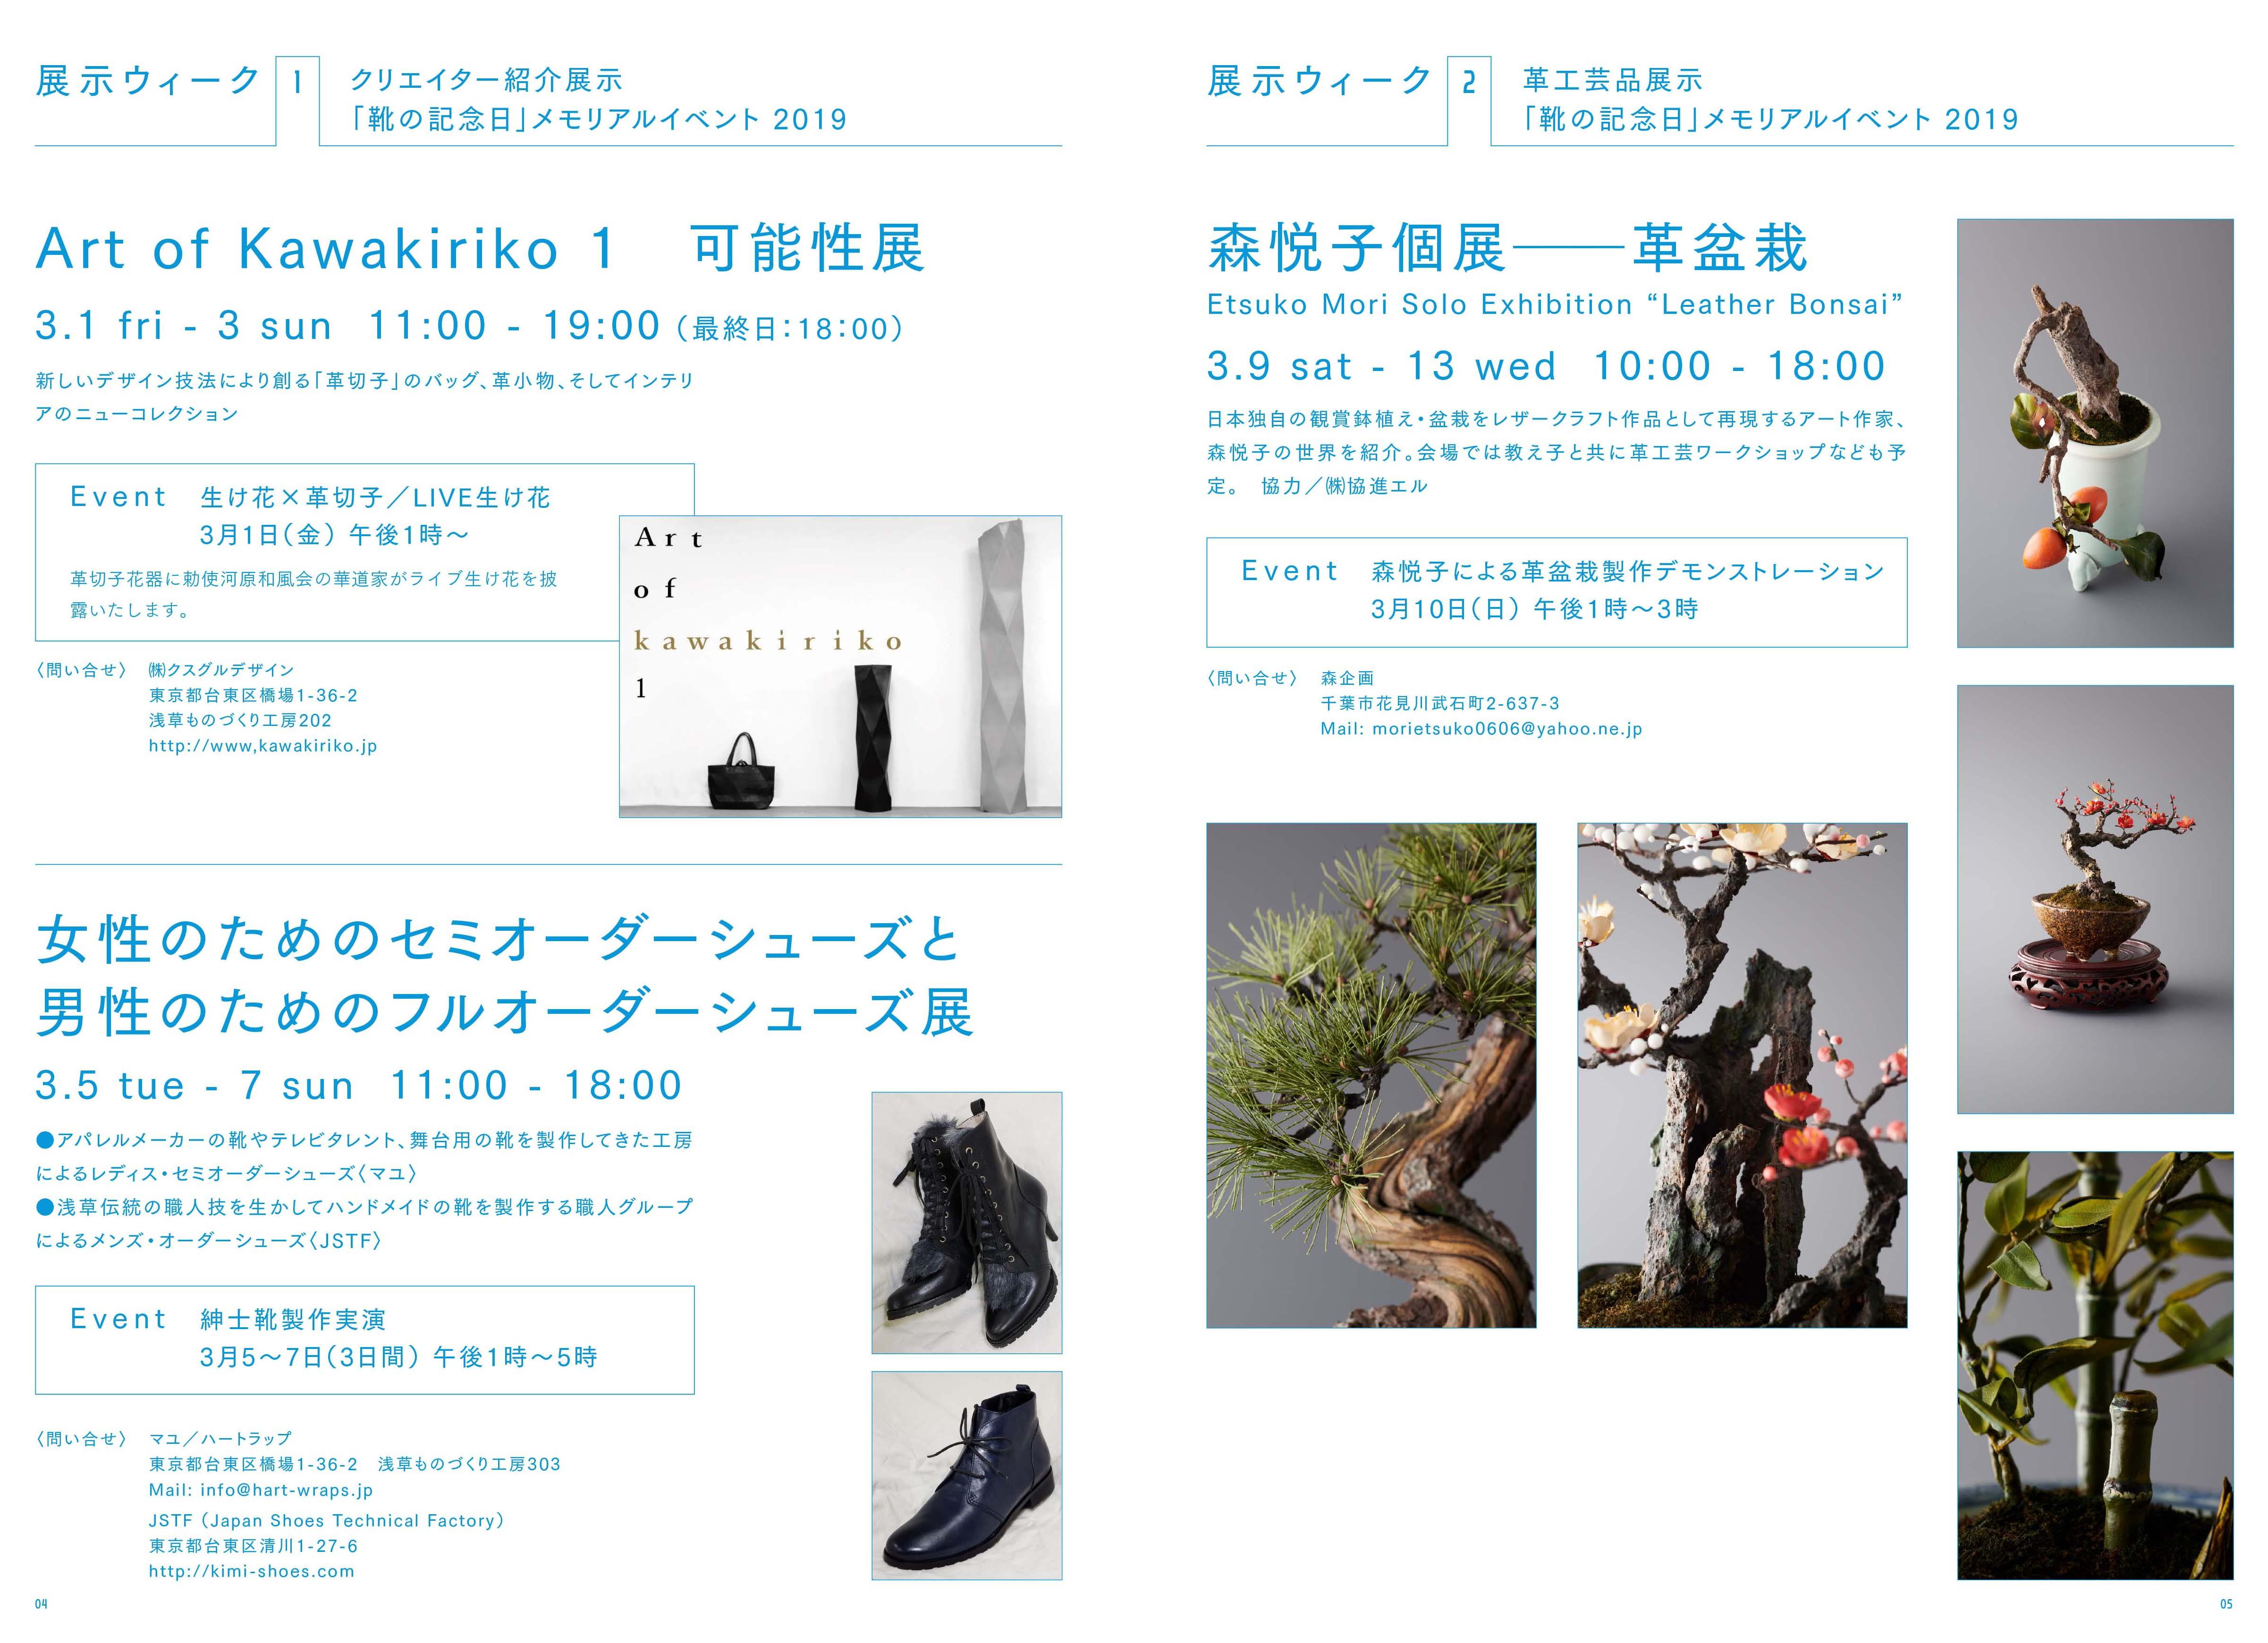 3月15日「靴の記念日」セミナー&展示イベント開催のご案内